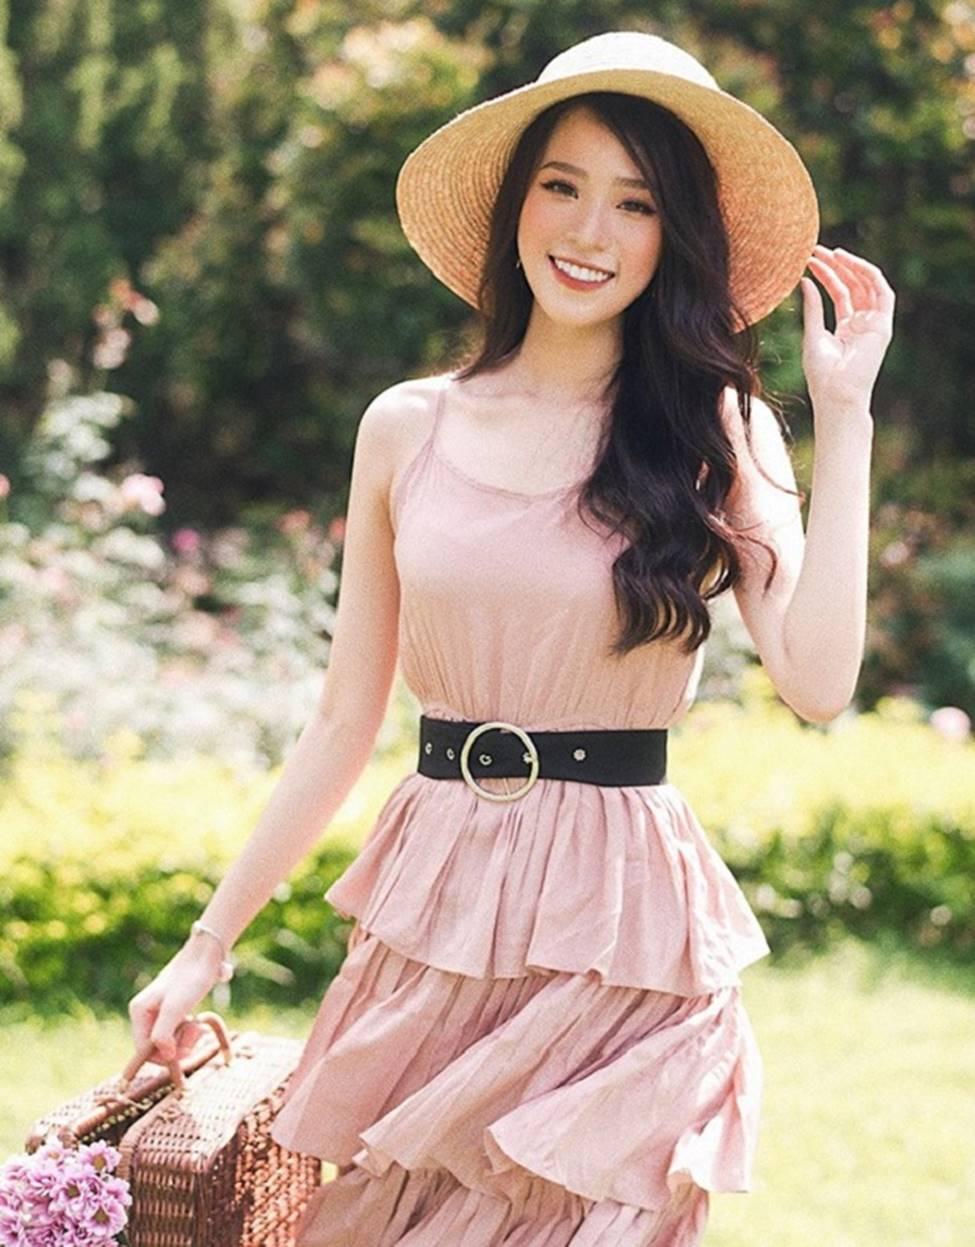 Nữ sinh 2000 đổ xô thi hoa hậu: Người đẹp Đà Nẵng giống Lưu Diệc Phi gây chú ý-20